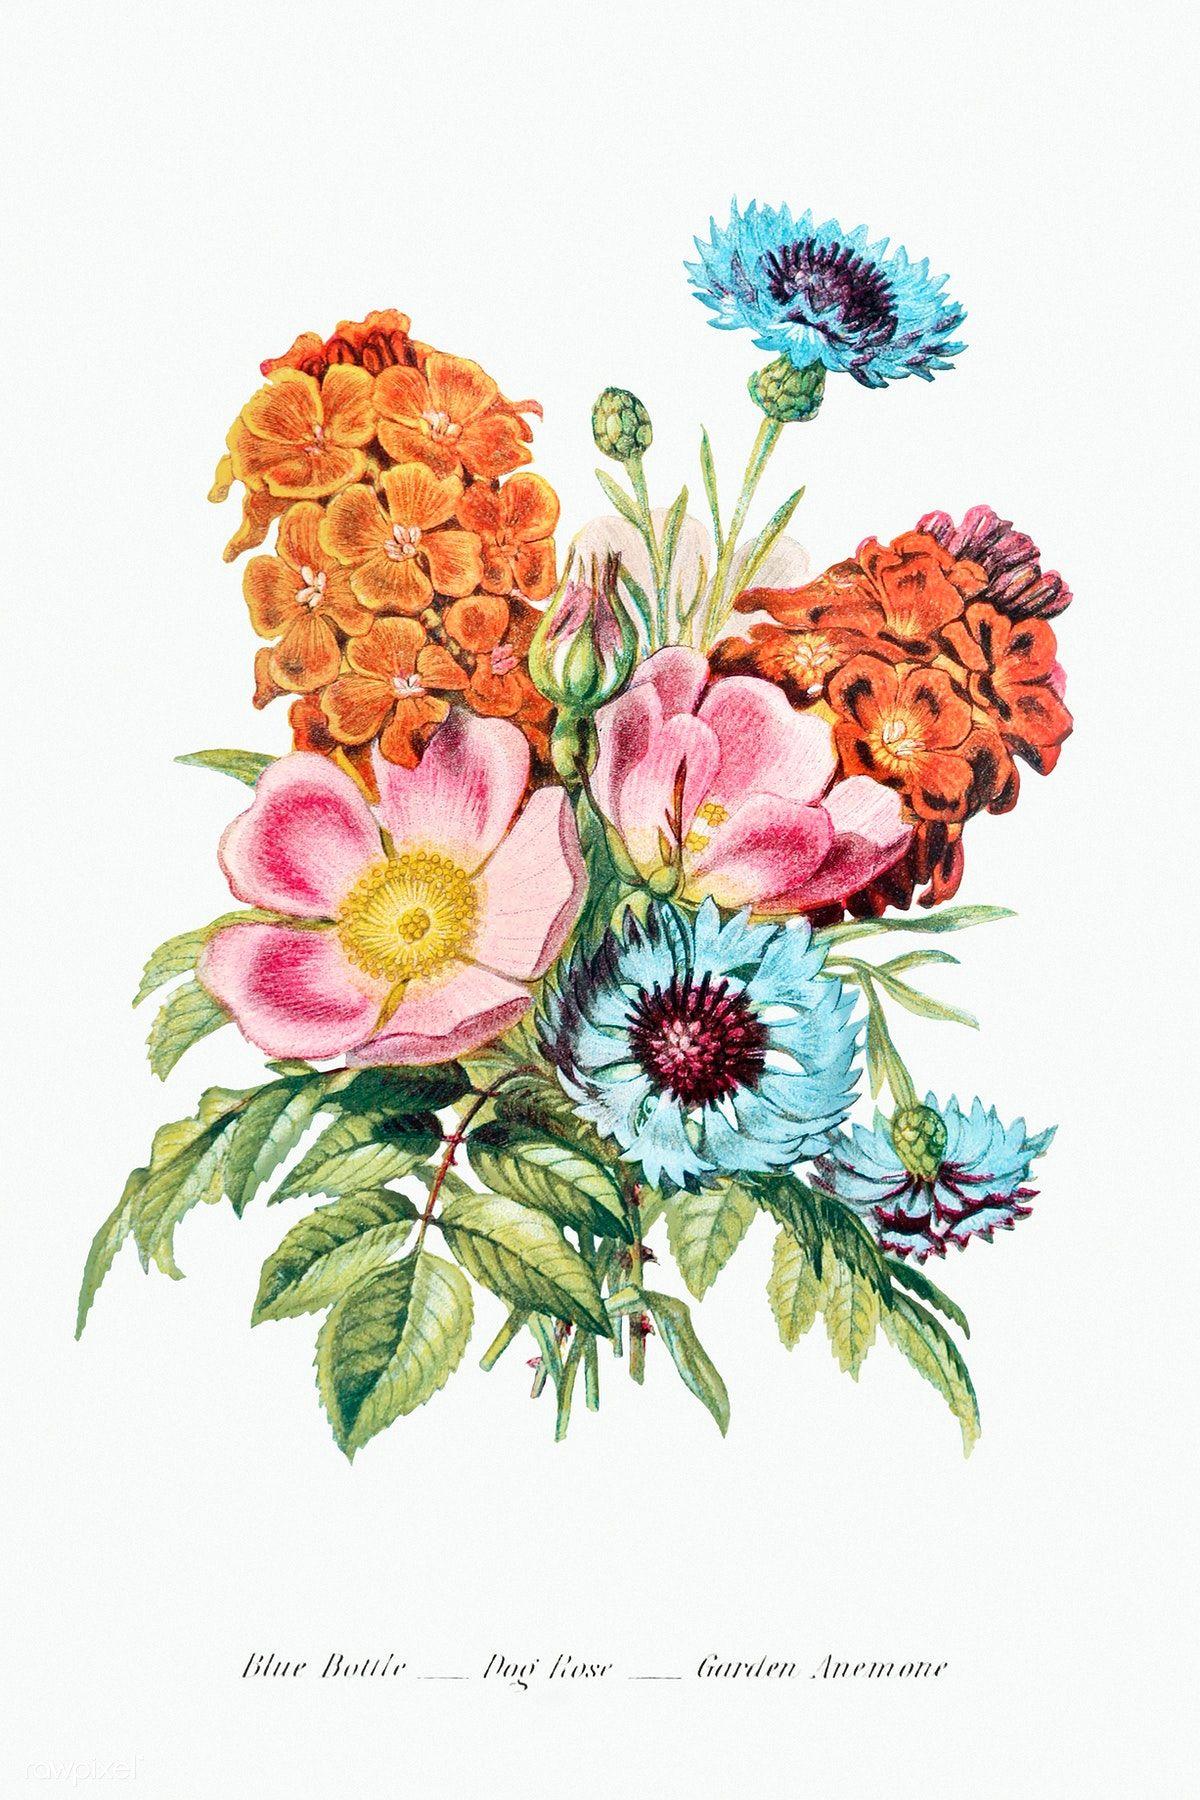 Download Premium Illustration Of Vintage Flower Bouquet Mockup 2098046 In 2020 Flower Illustration Flower Bouquet Png Summer Flower Bouquet